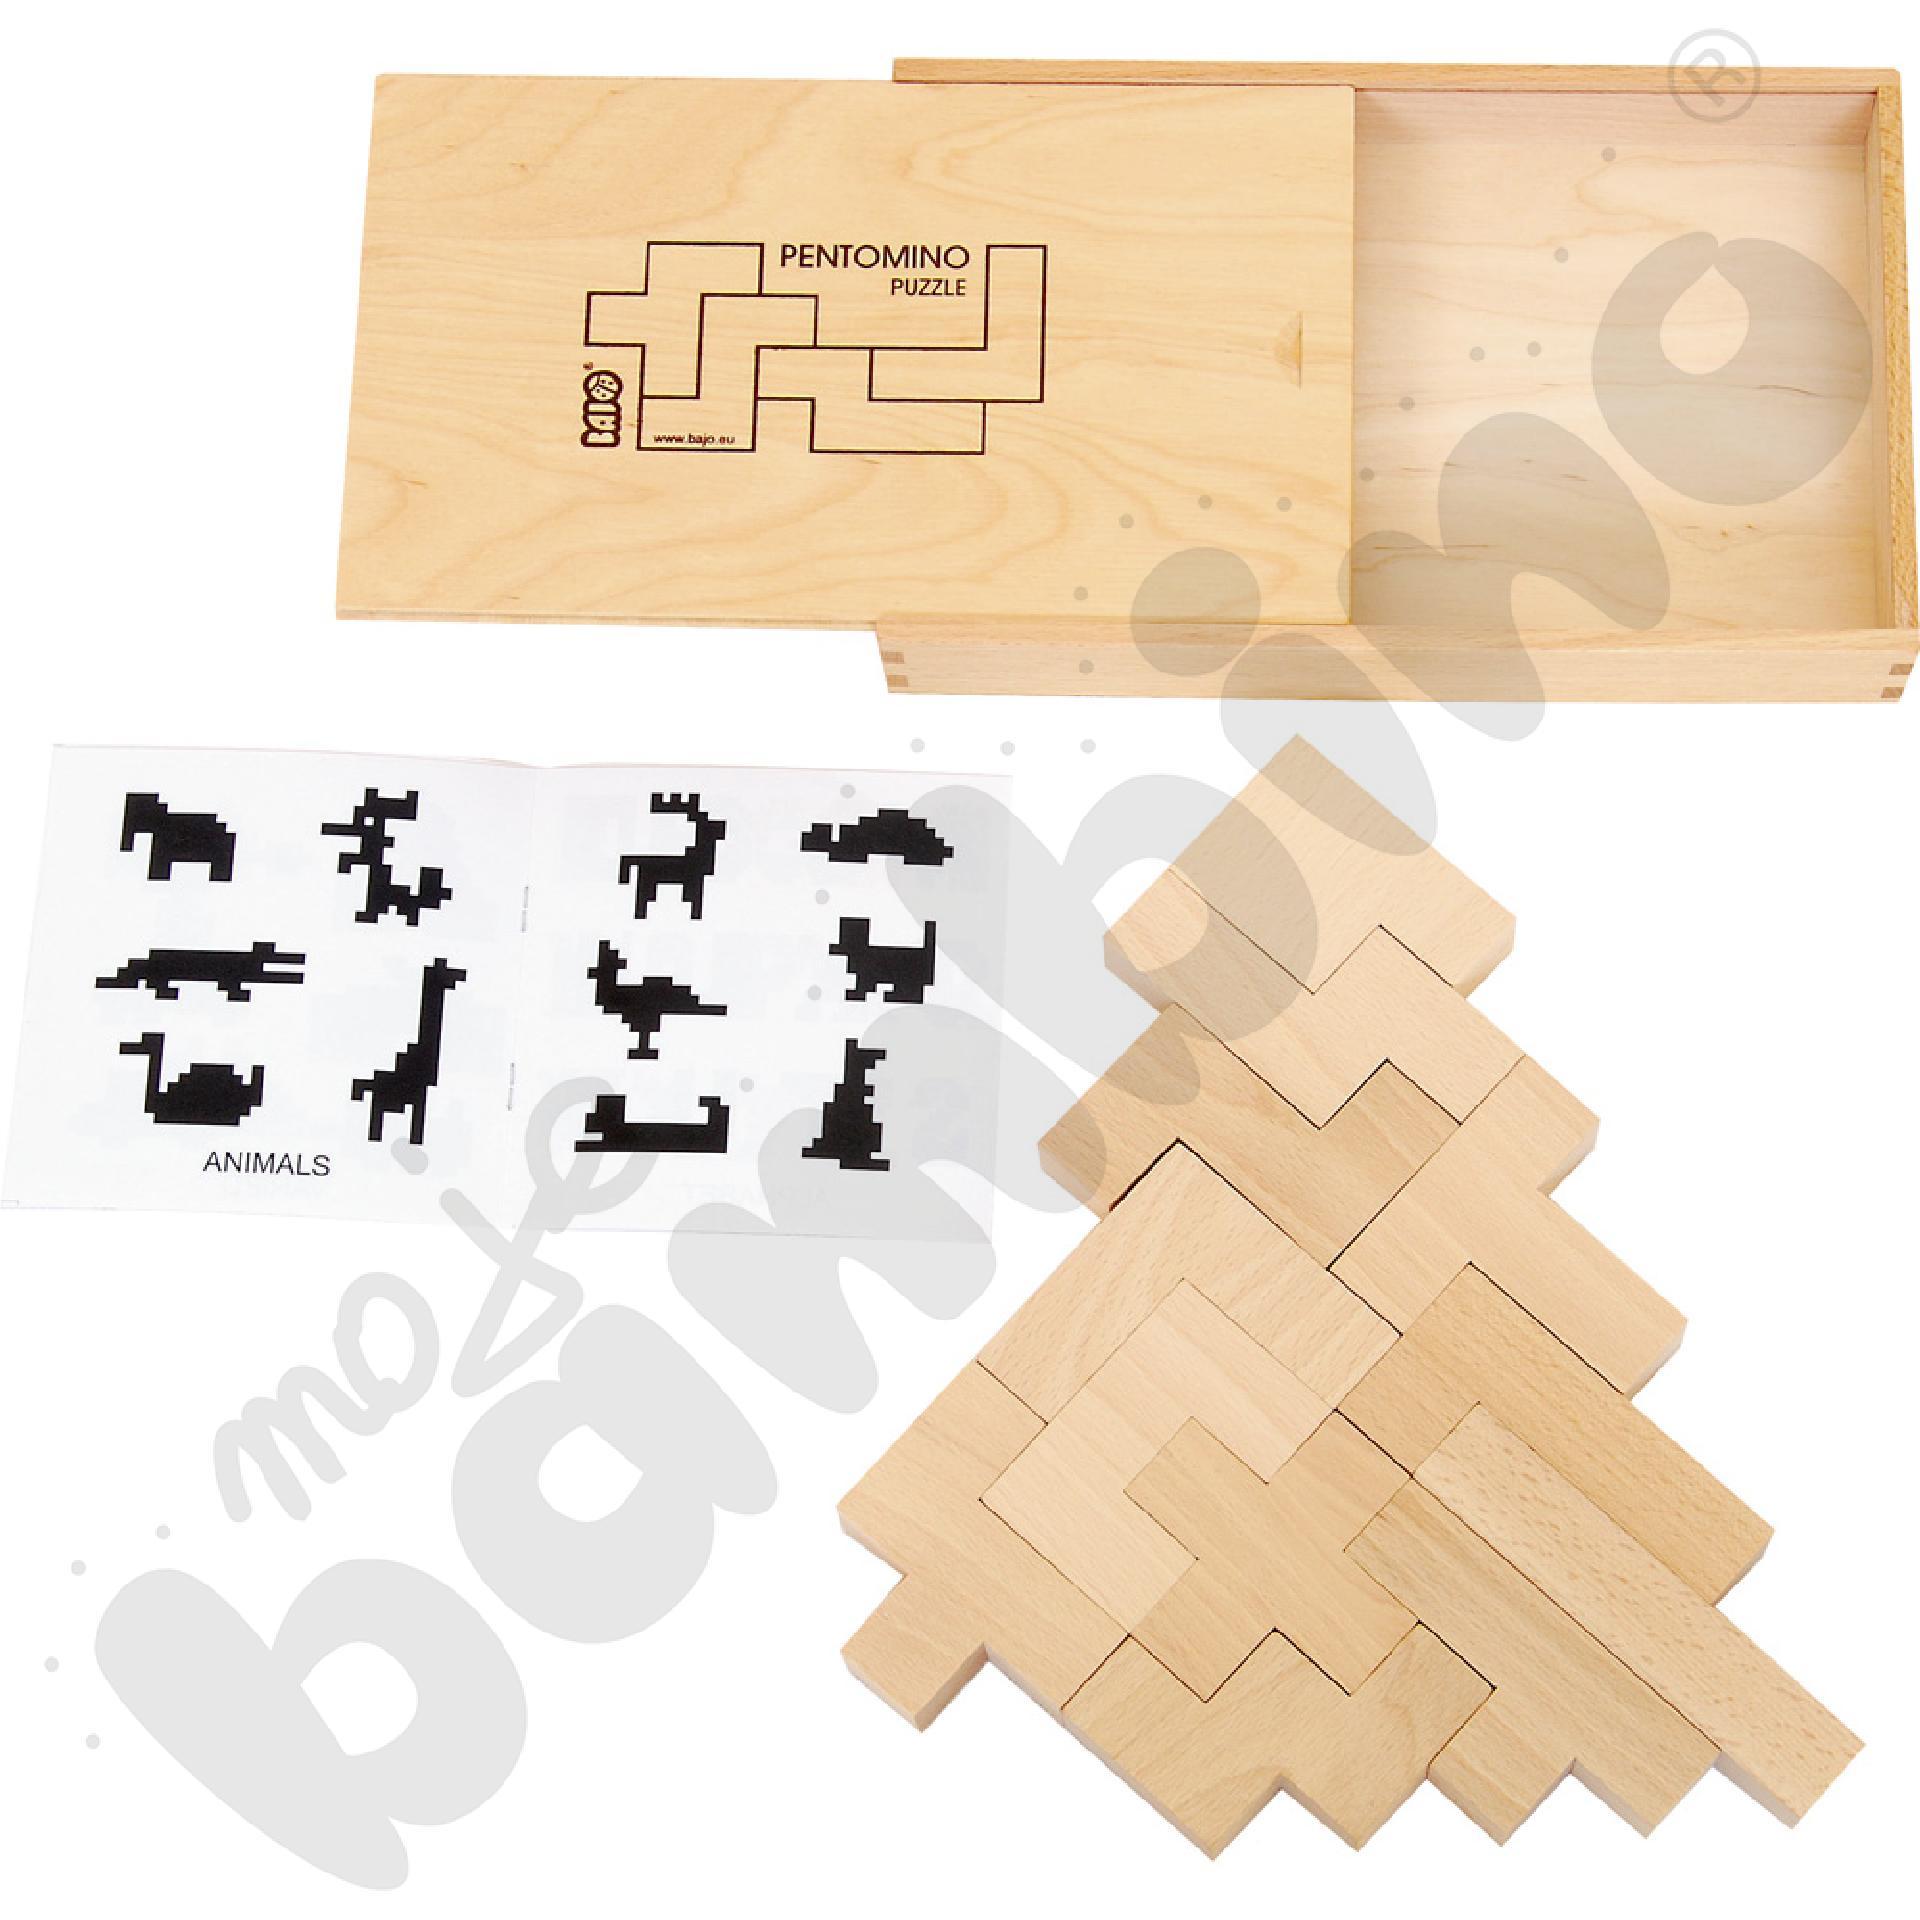 Pentomino drewniane